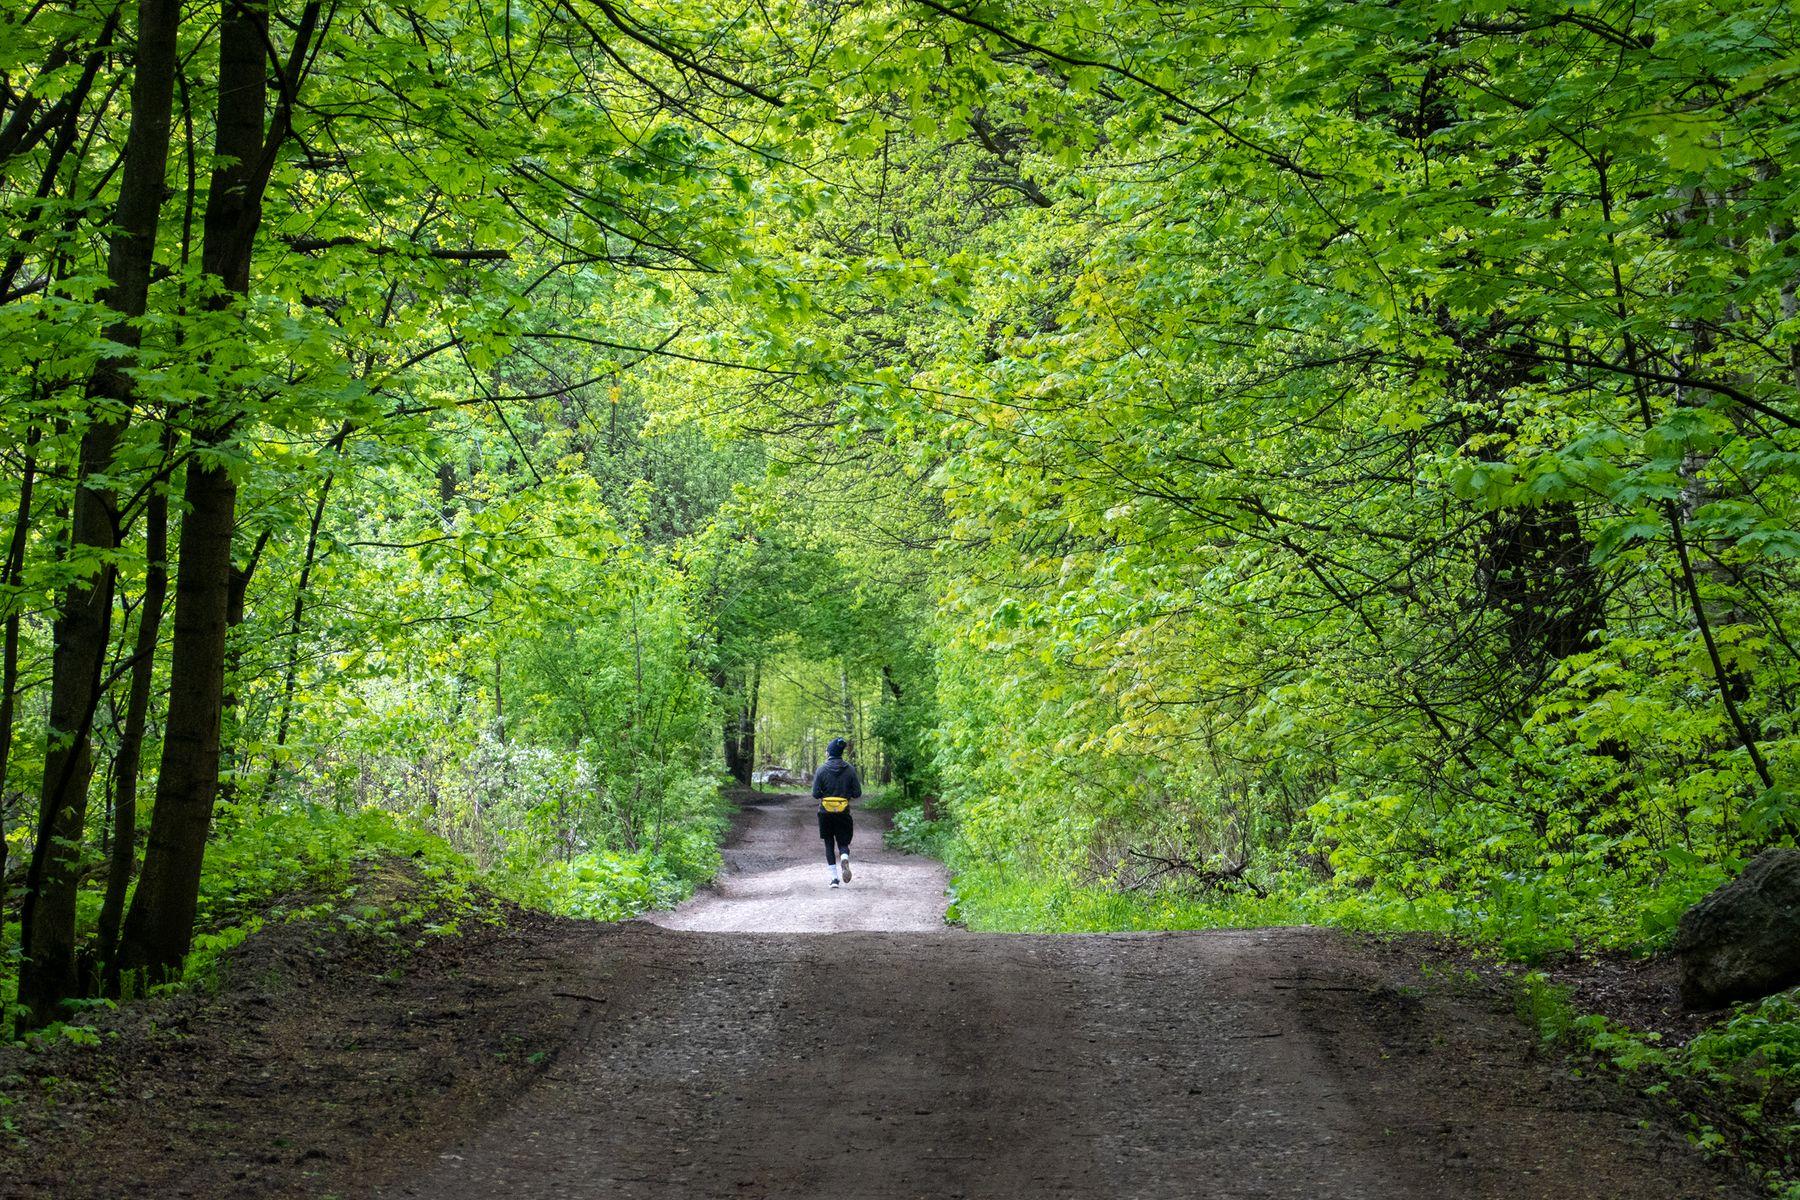 Практически Форрест Гамп антонмазаев antonmazaev лес москва лосиный остров пейзаж спортсмен